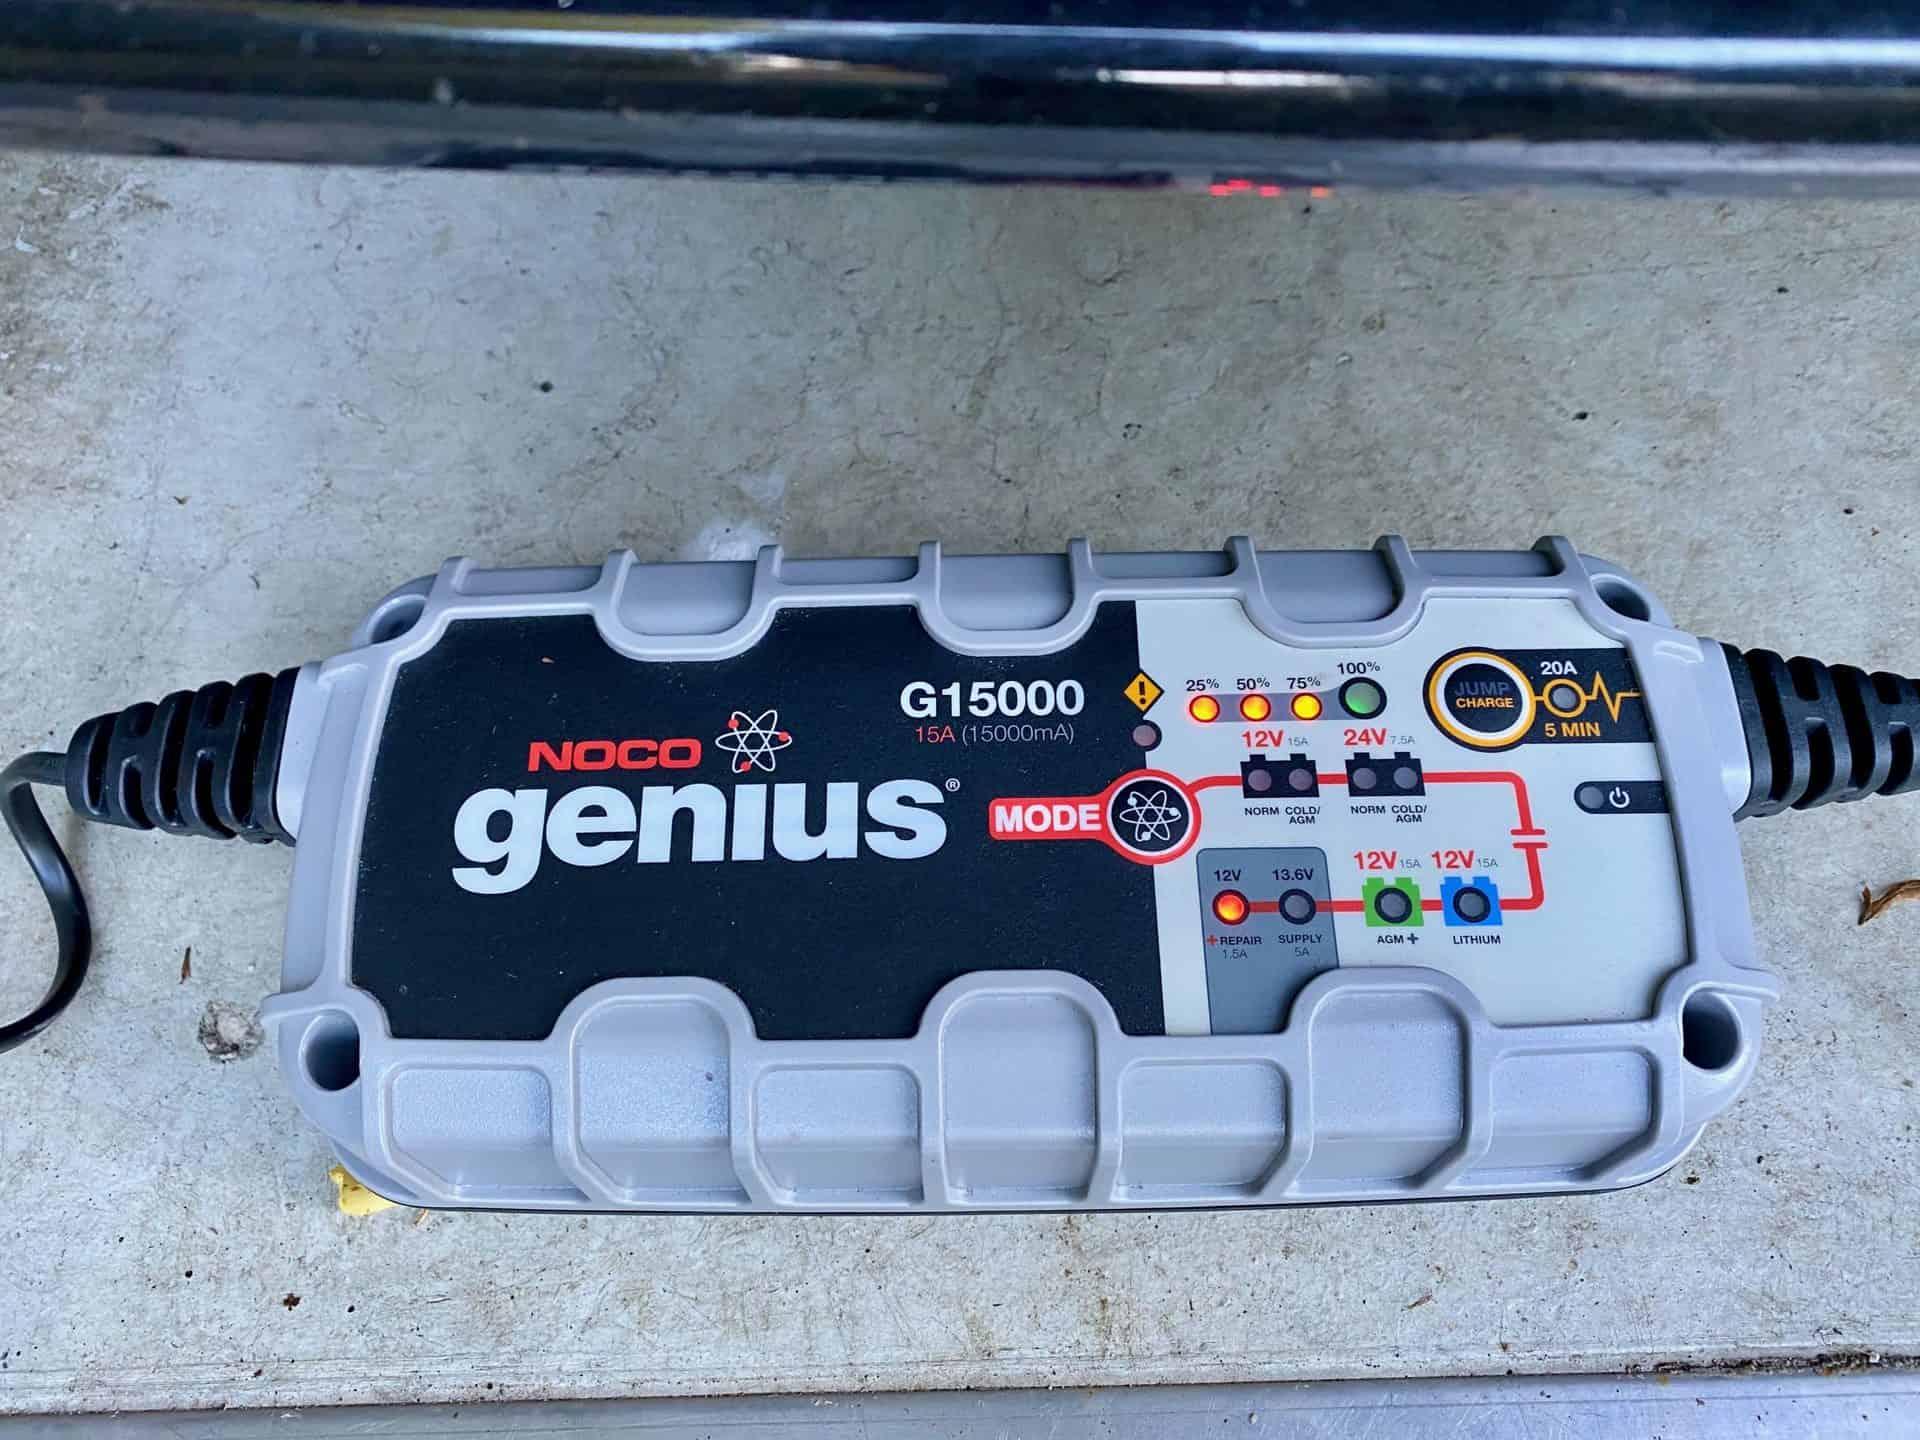 Noco-Genius-G15000-im-Einsatz